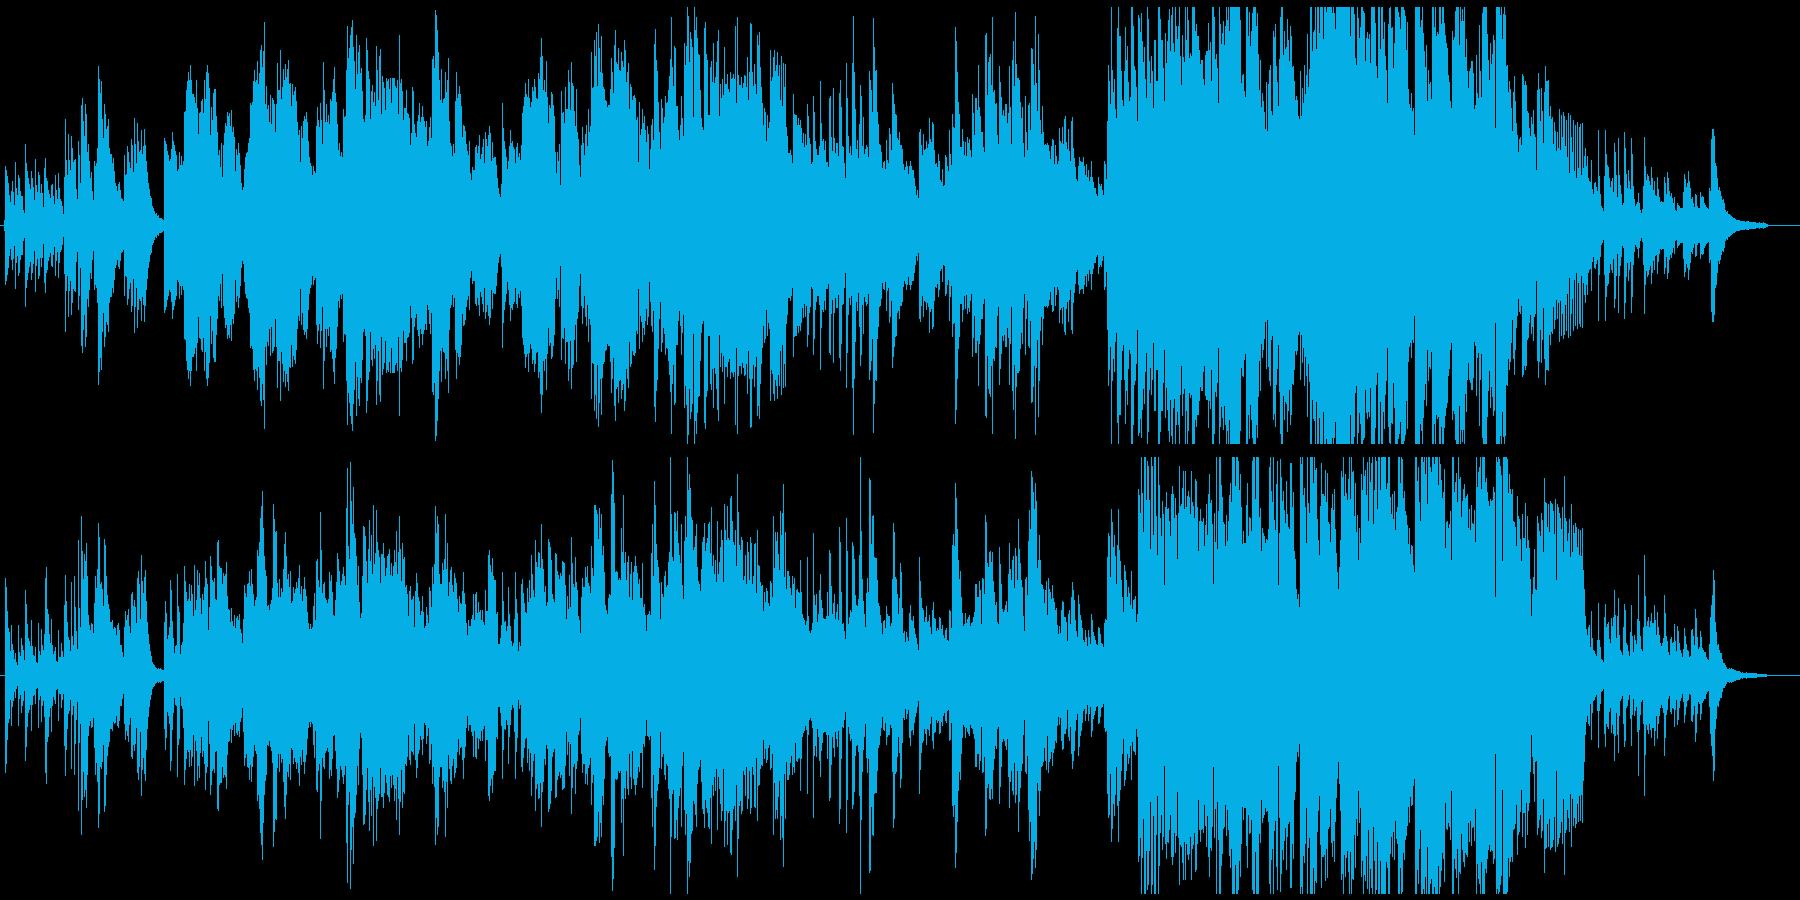 ふるさと(故郷)ピアノとメロディの再生済みの波形